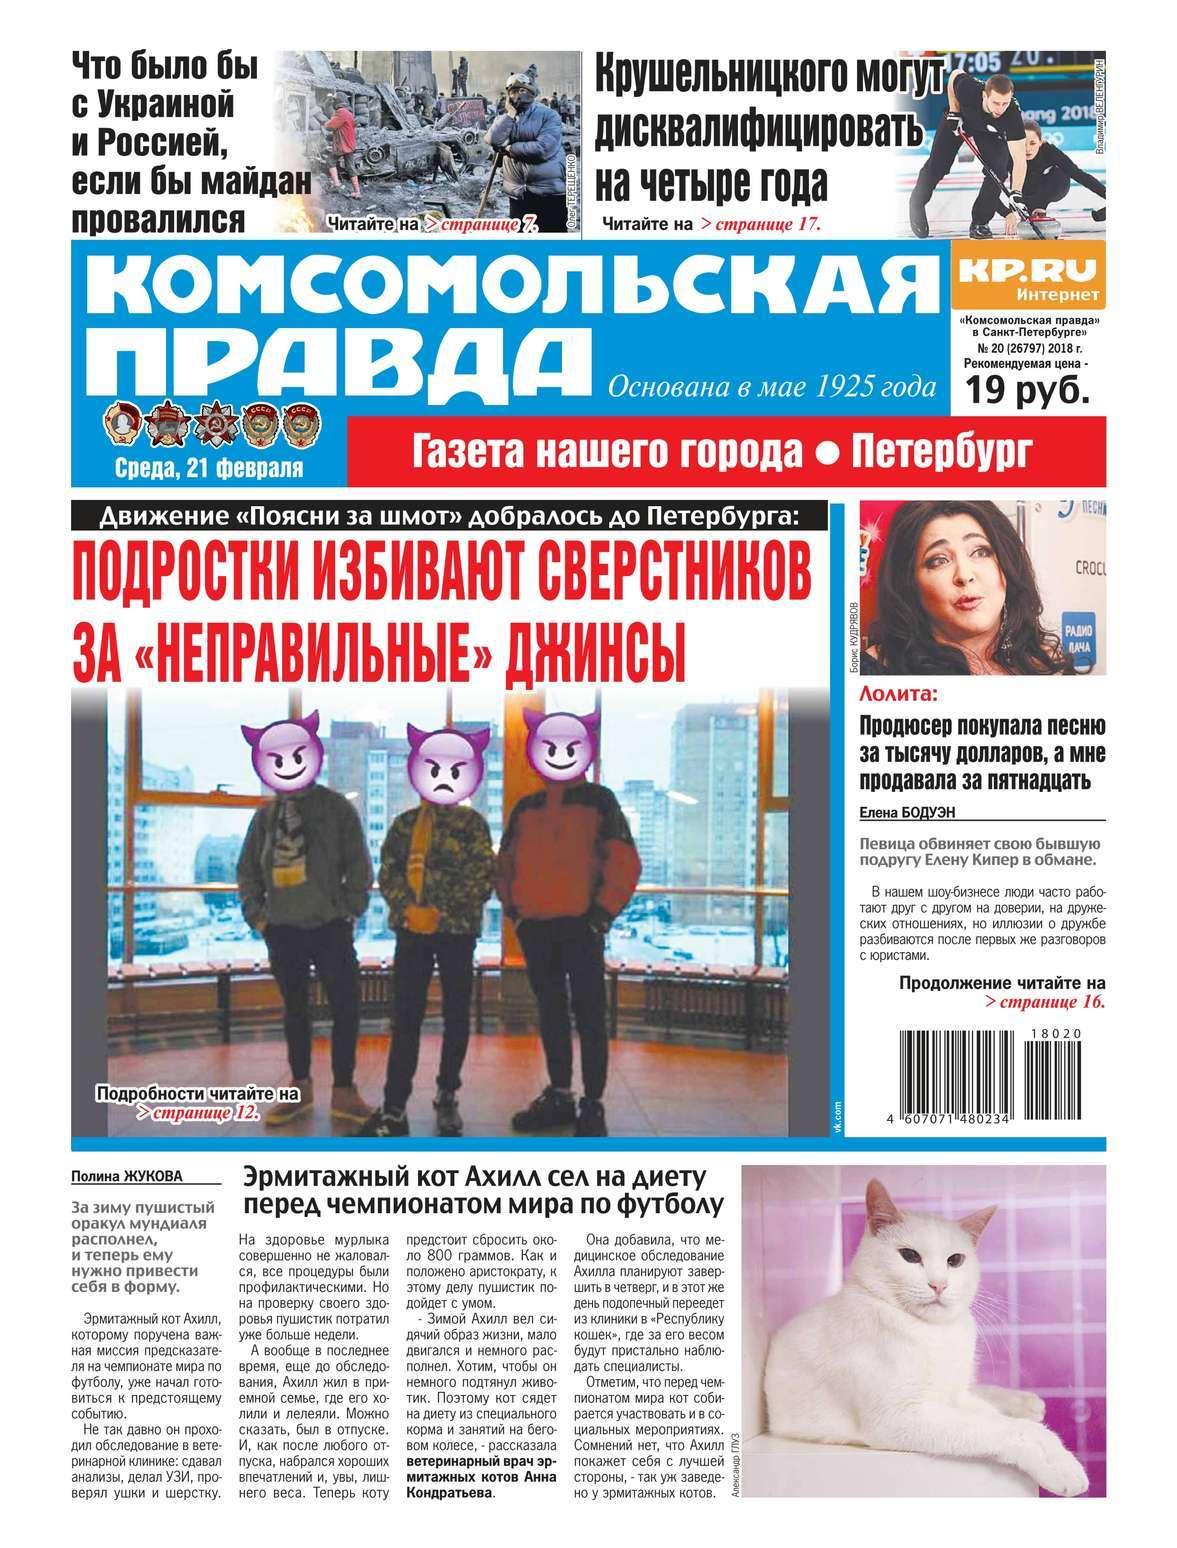 Редакция газеты Комсомольская правда. Санкт-Петербург Комсомольская Правда. Санкт-Петербург 20-2018